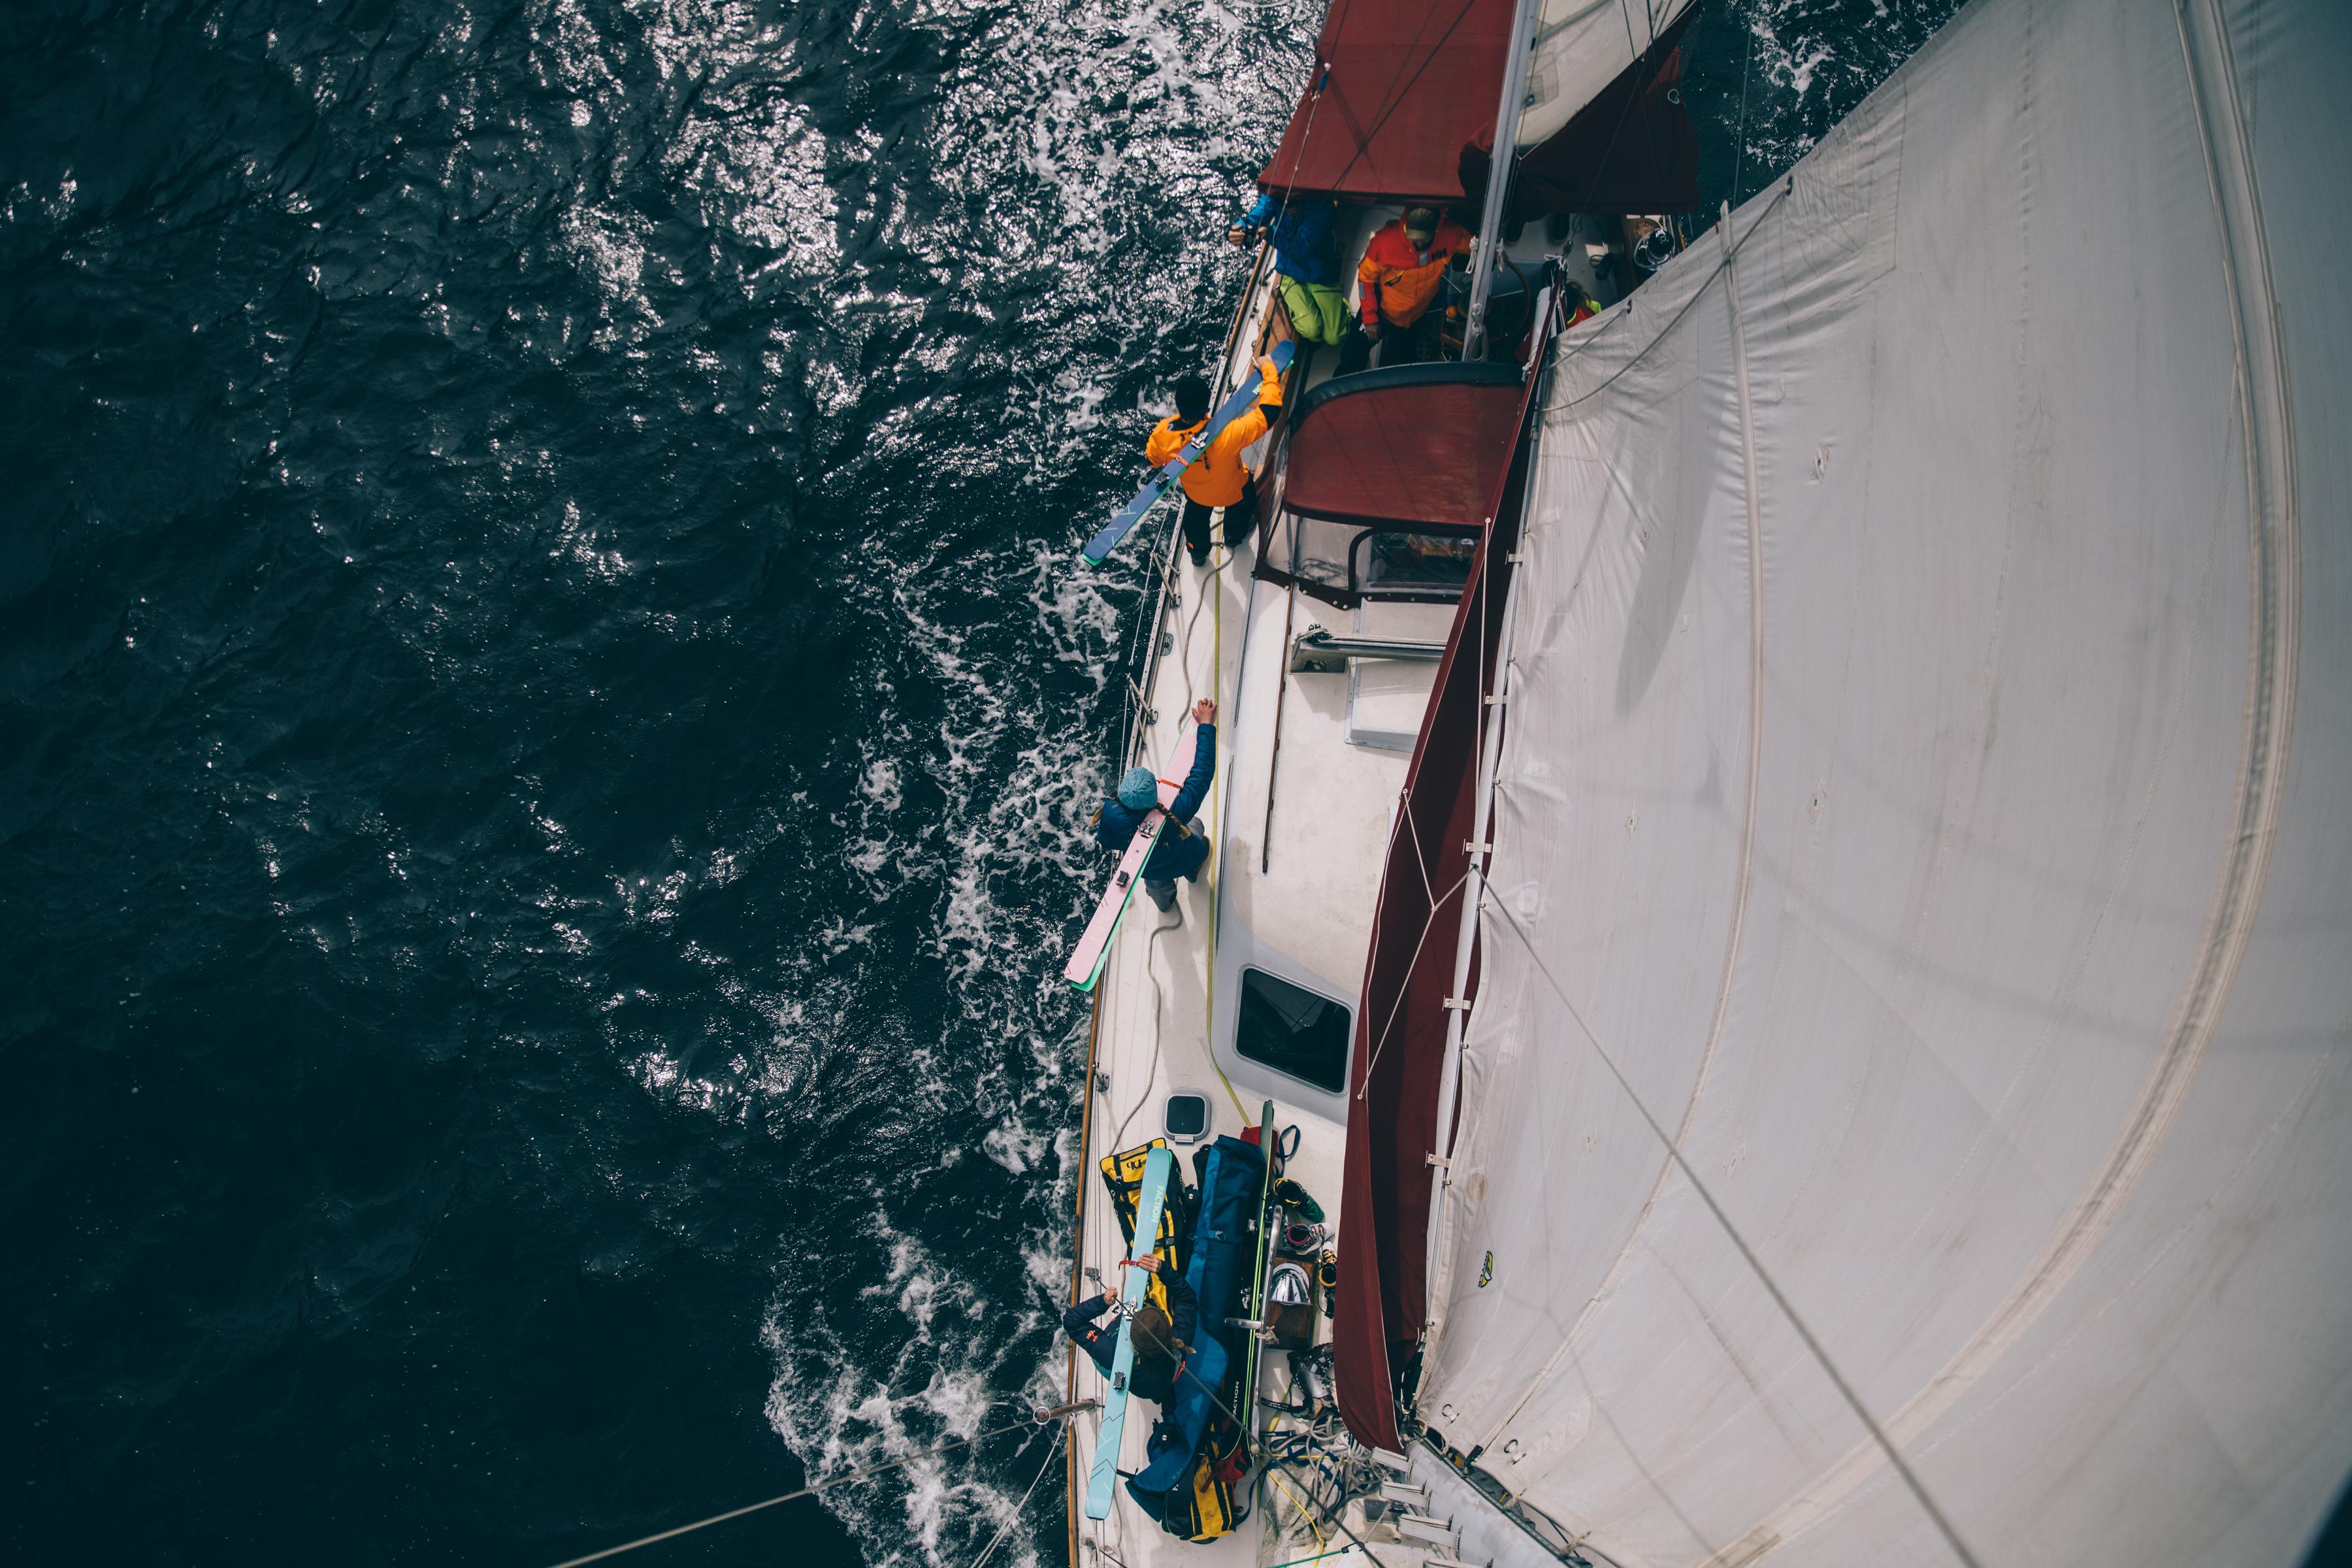 Preparing skis onboard